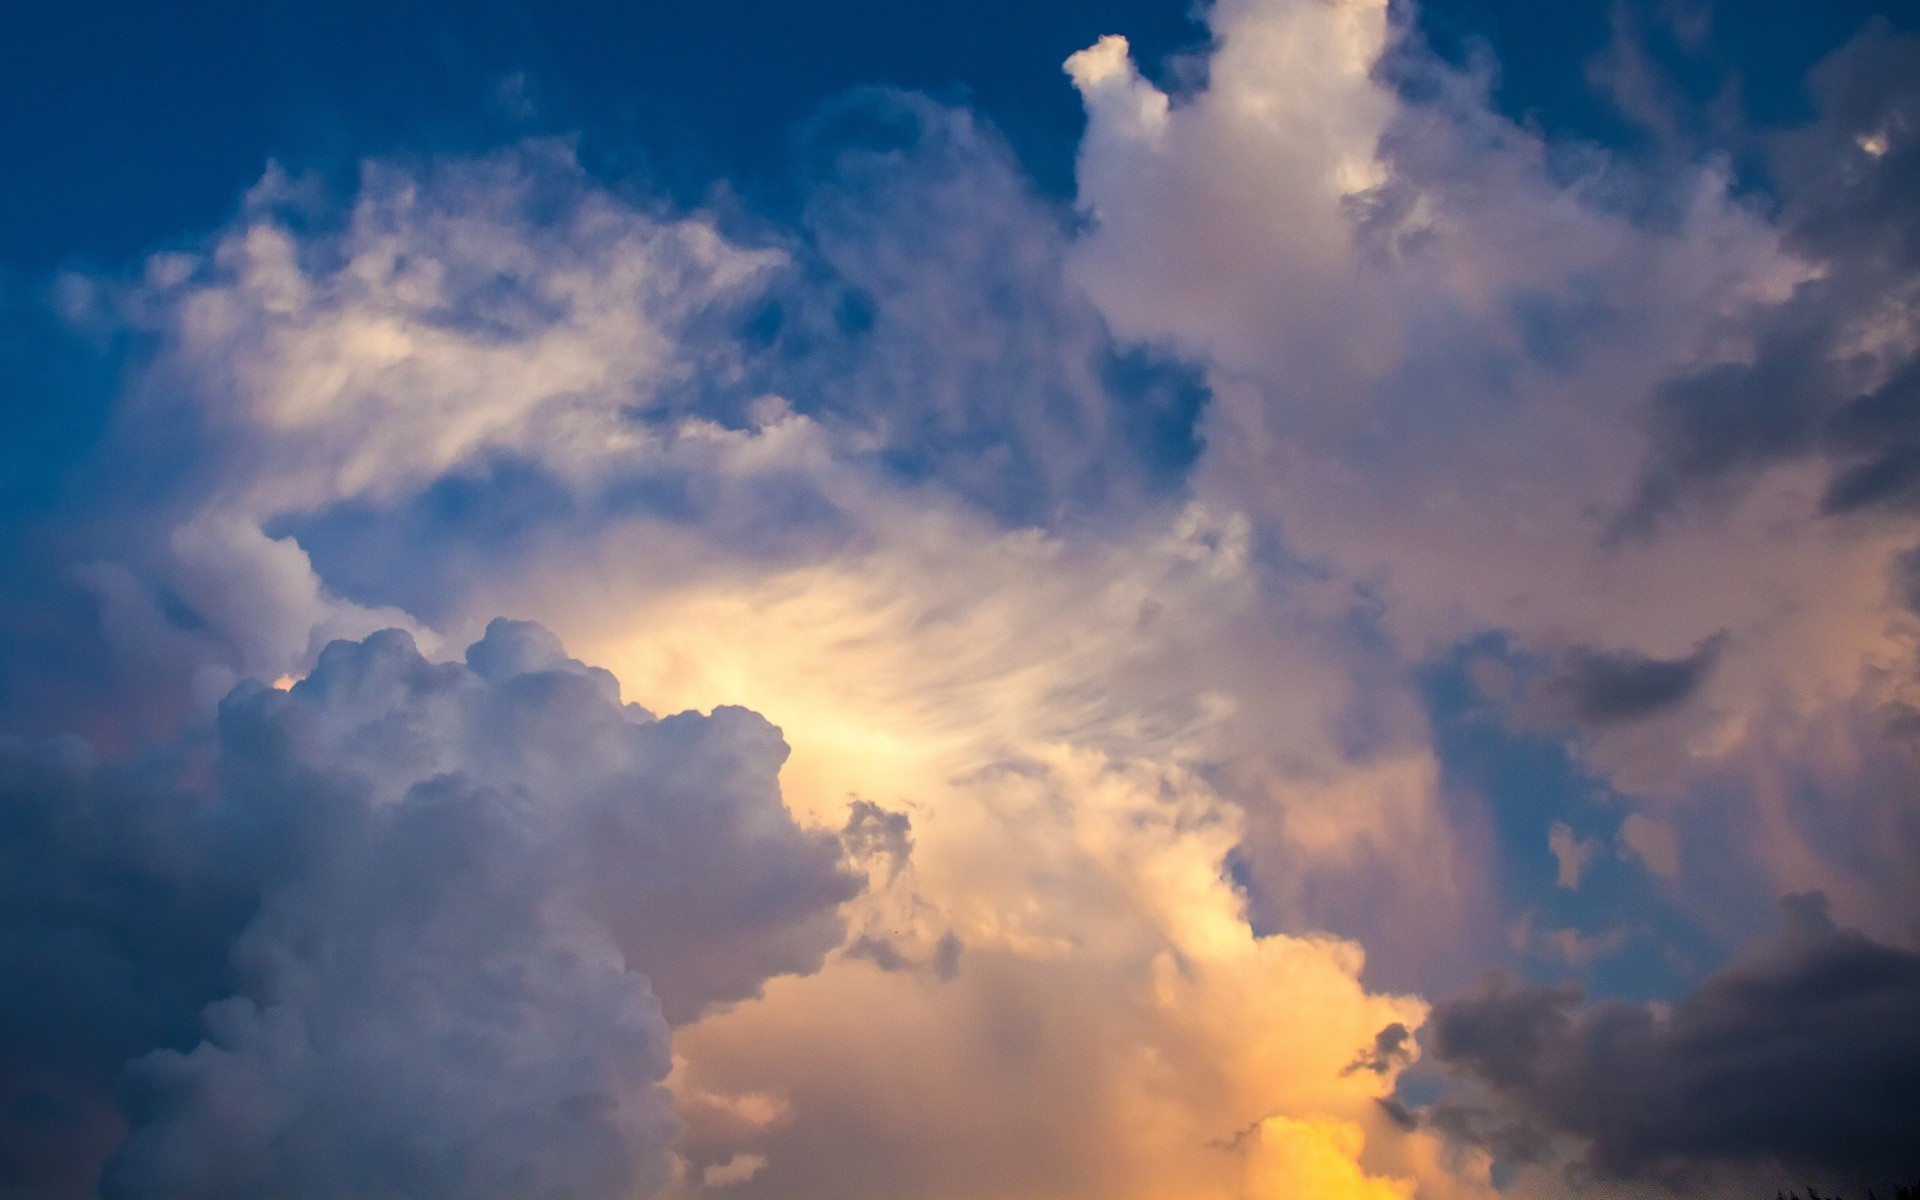 Лошадьми поздравления, красивые картинки небо с облаками